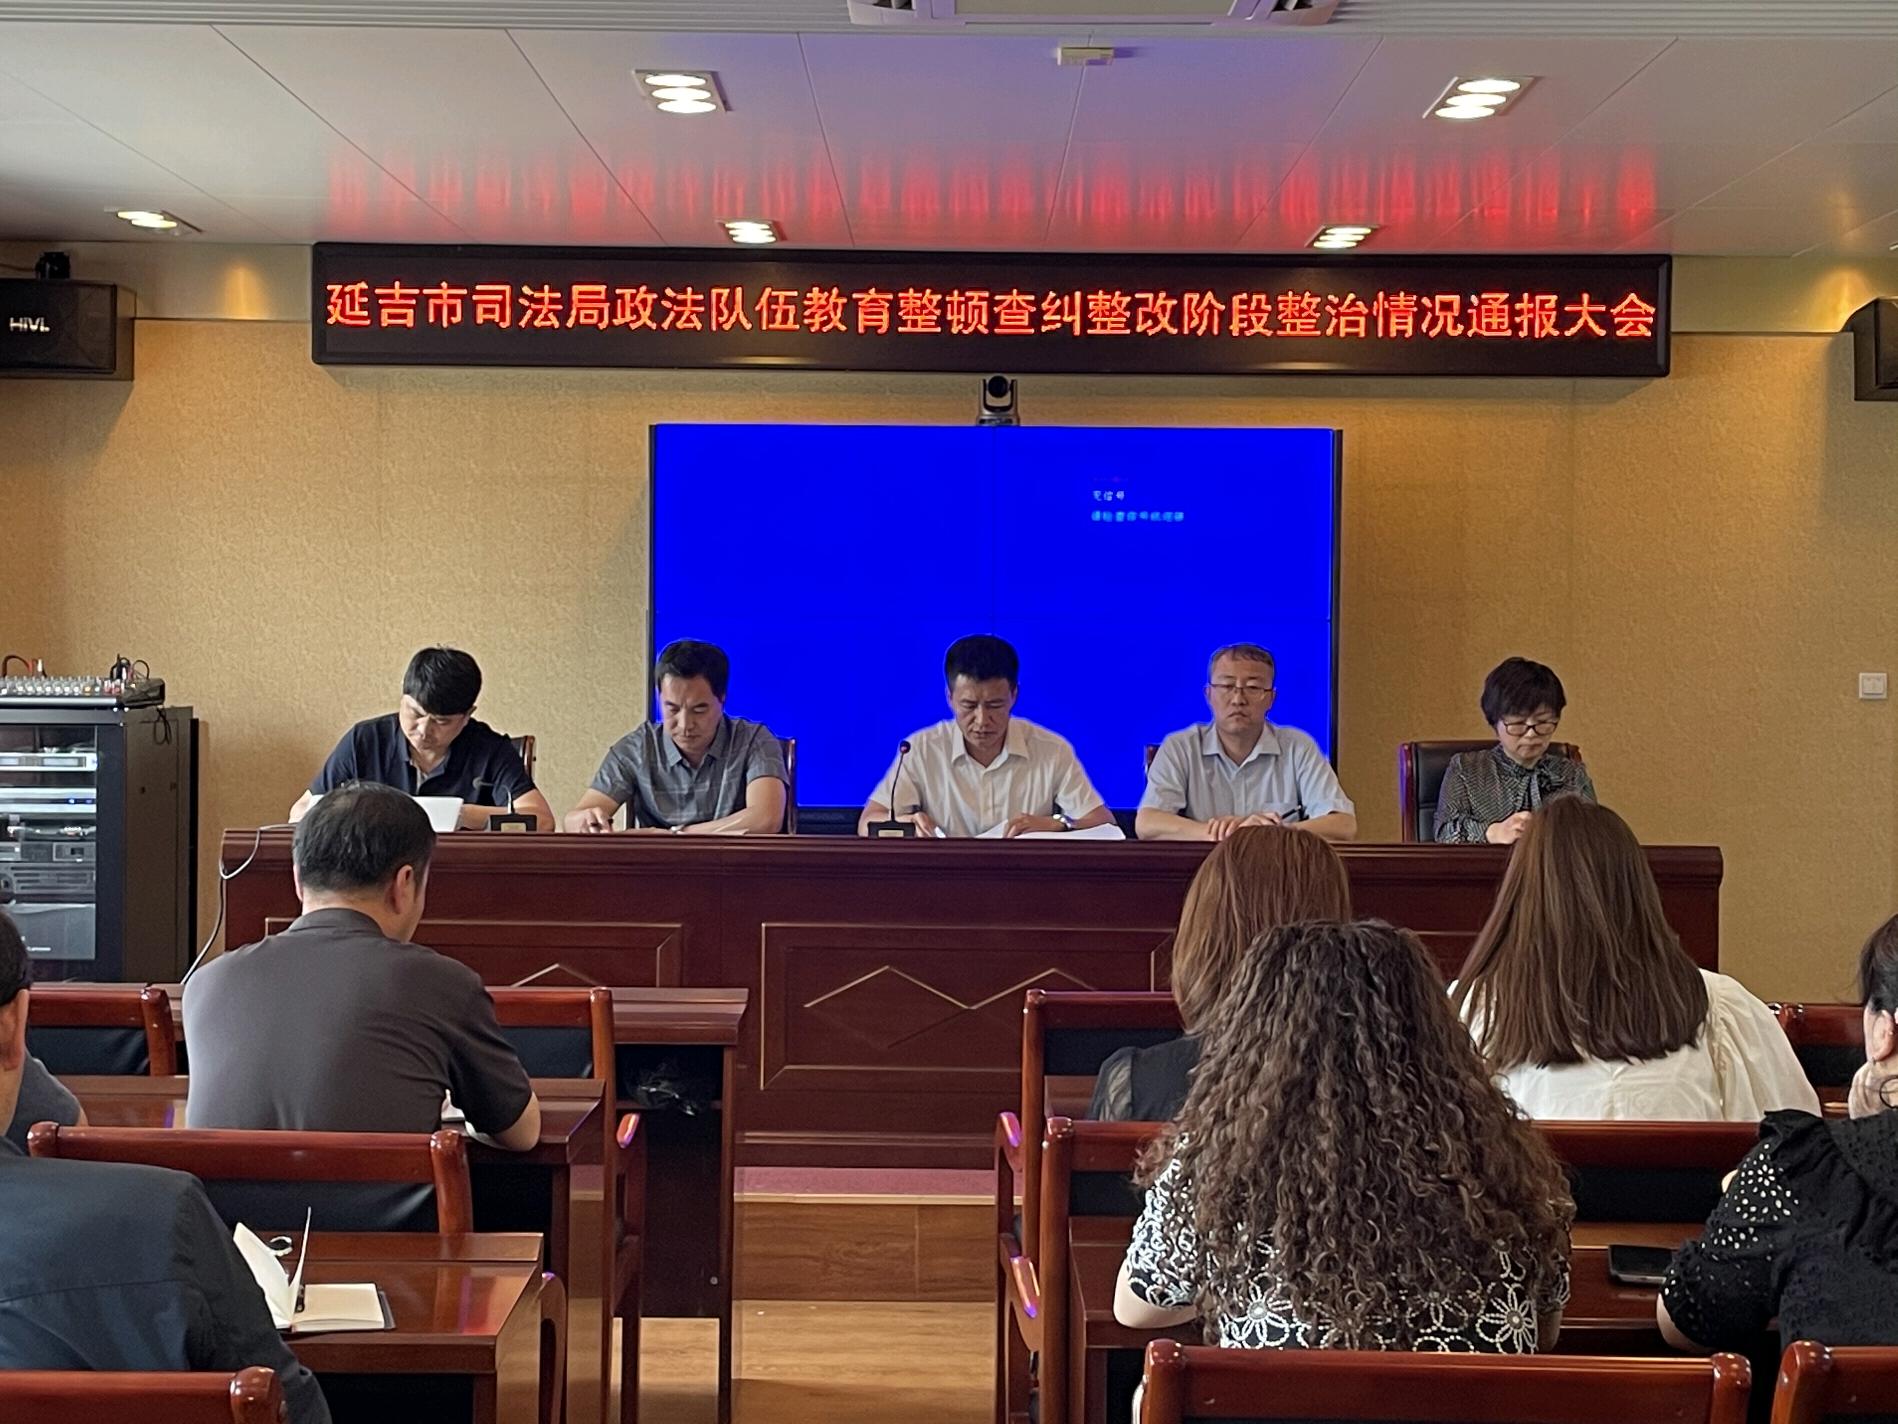 延吉市司法局召开政法队伍教育整顿查纠整改阶段整治通报大会